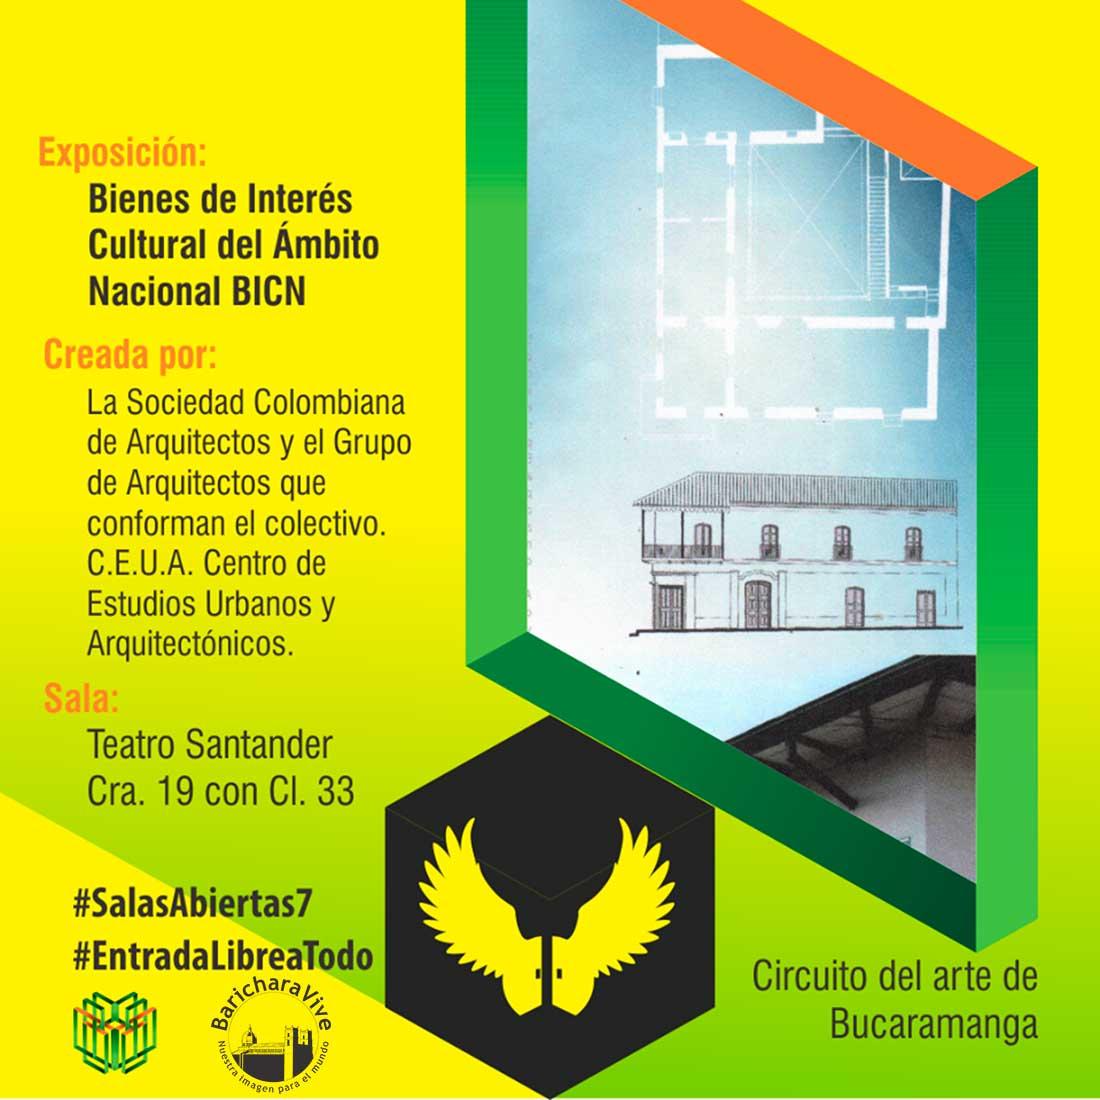 teatro-santander-7a-edicion-el-centro-con-las-salas-abiertas-bucaramanga-2017